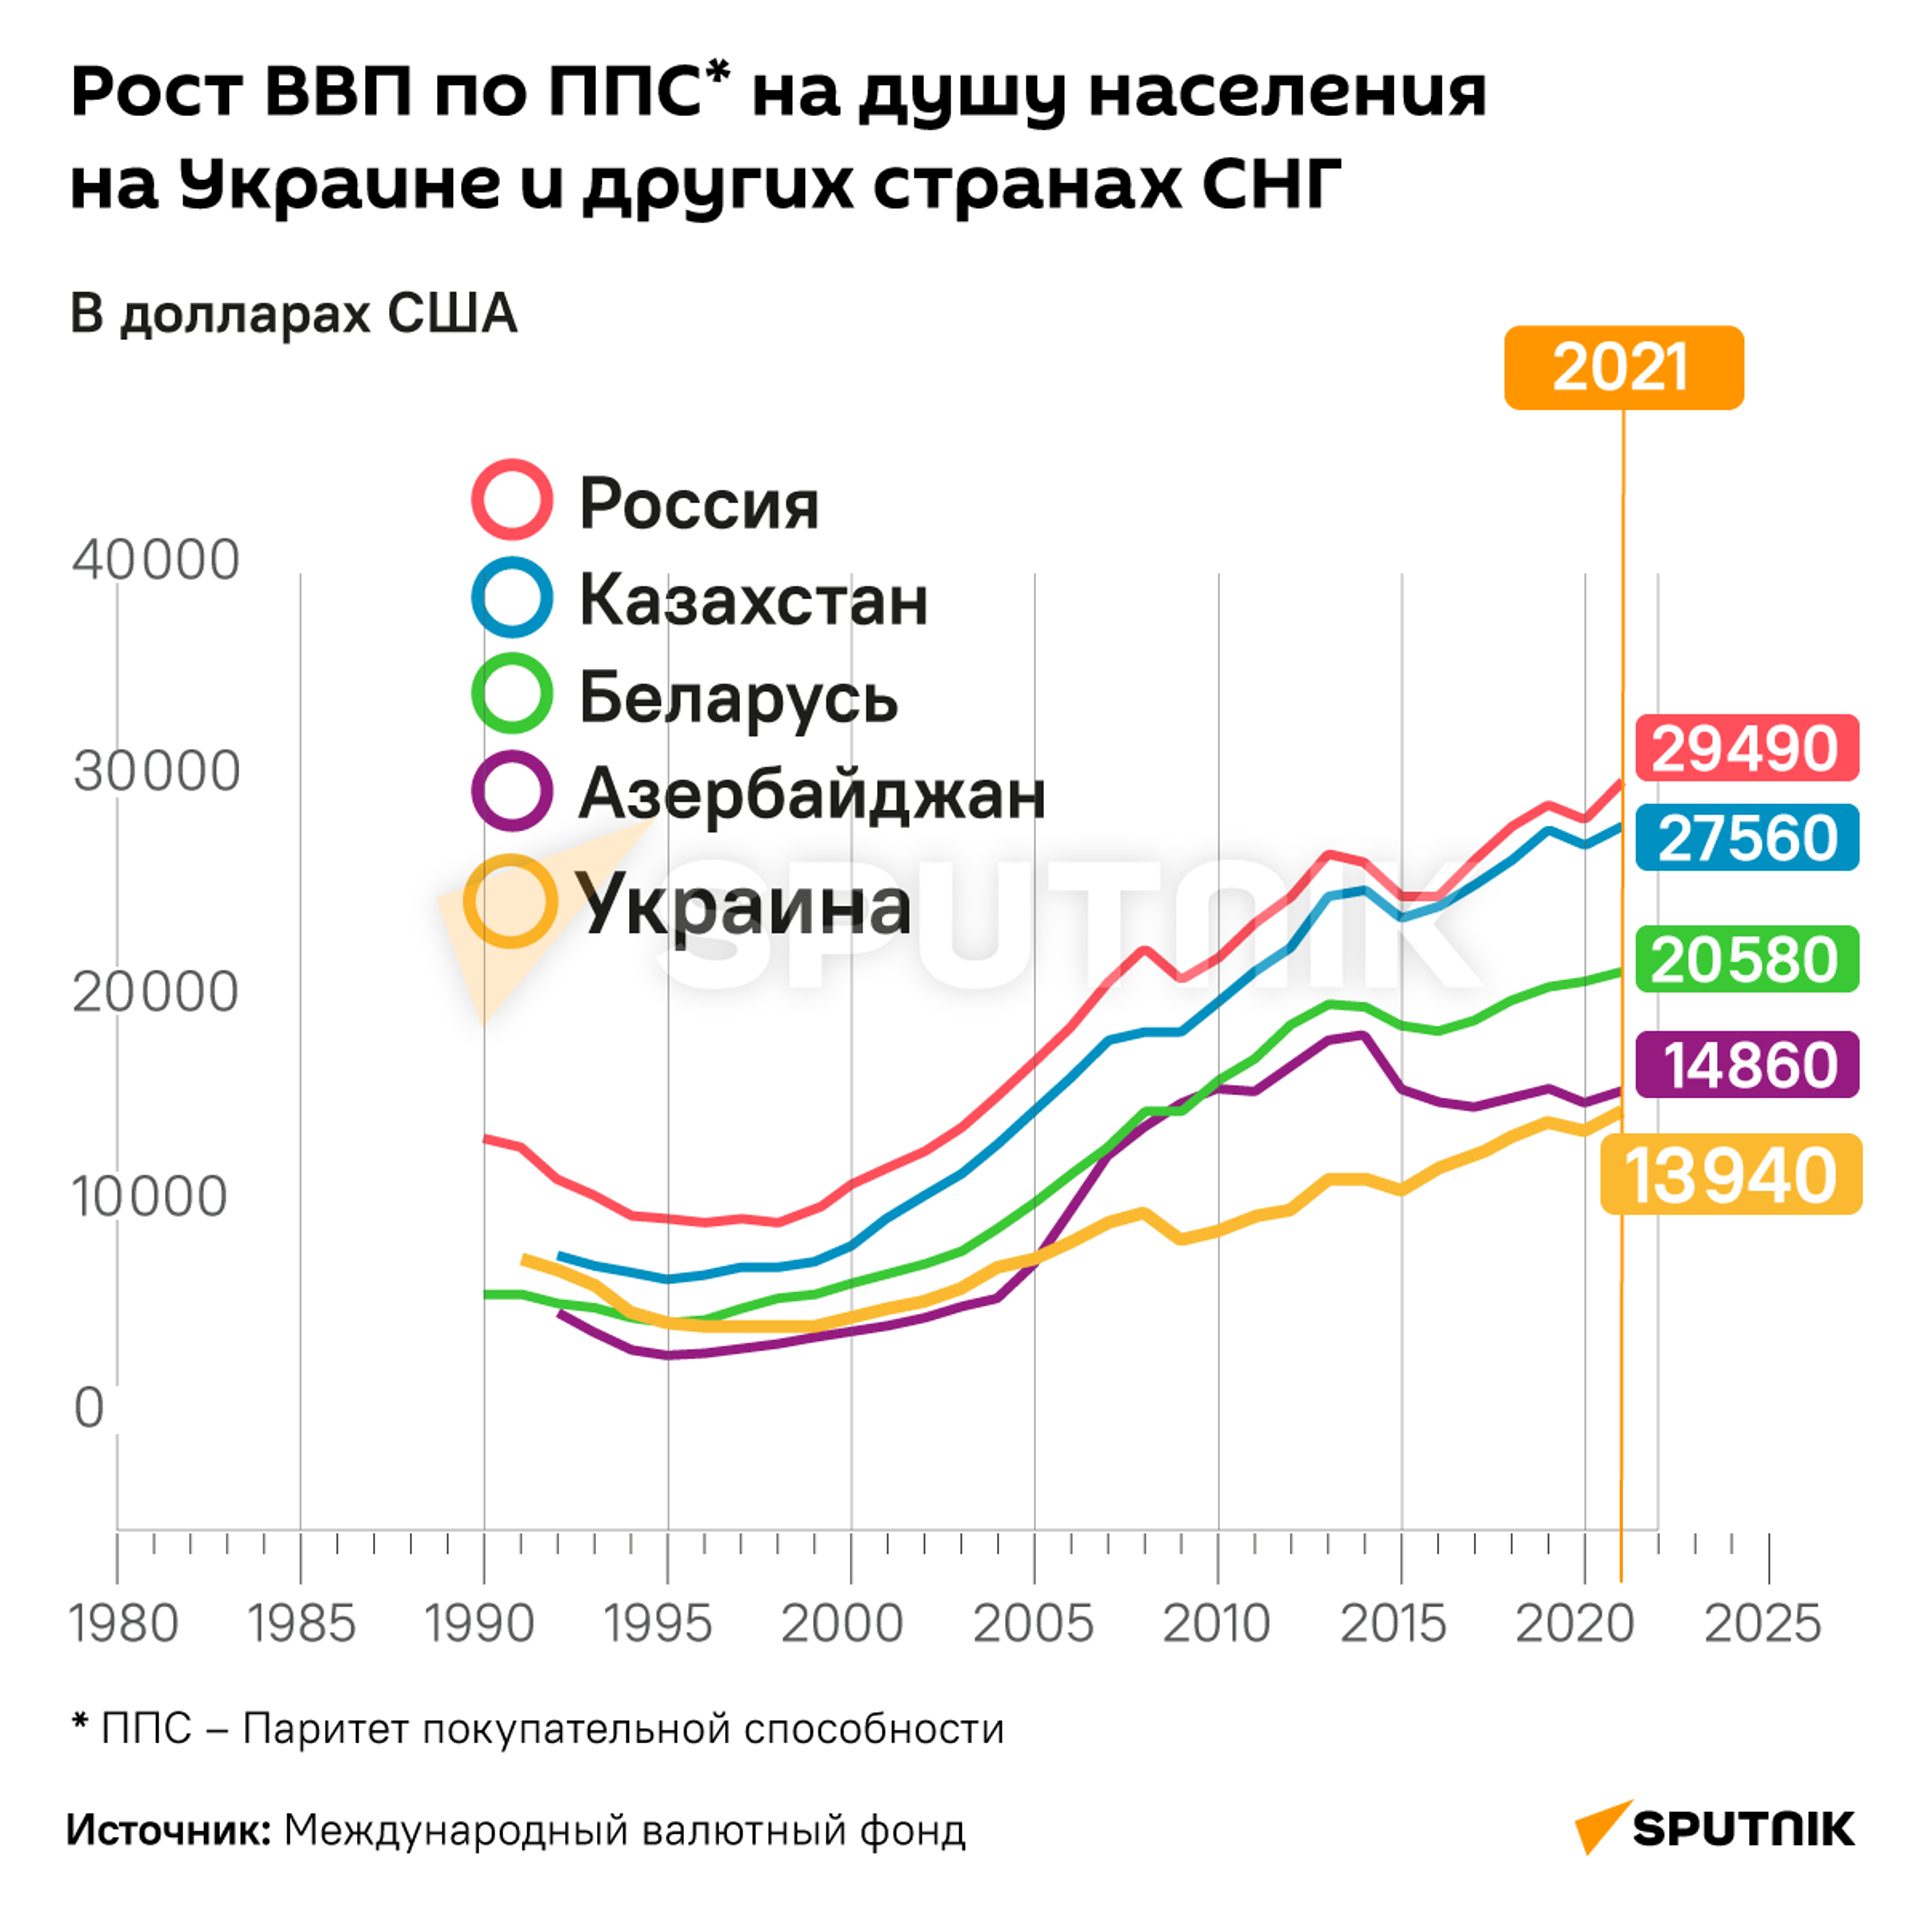 Рост ВВП по ППС* на душу населения на Украине и других странах СНГ - Sputnik Таджикистан, 1920, 19.08.2021